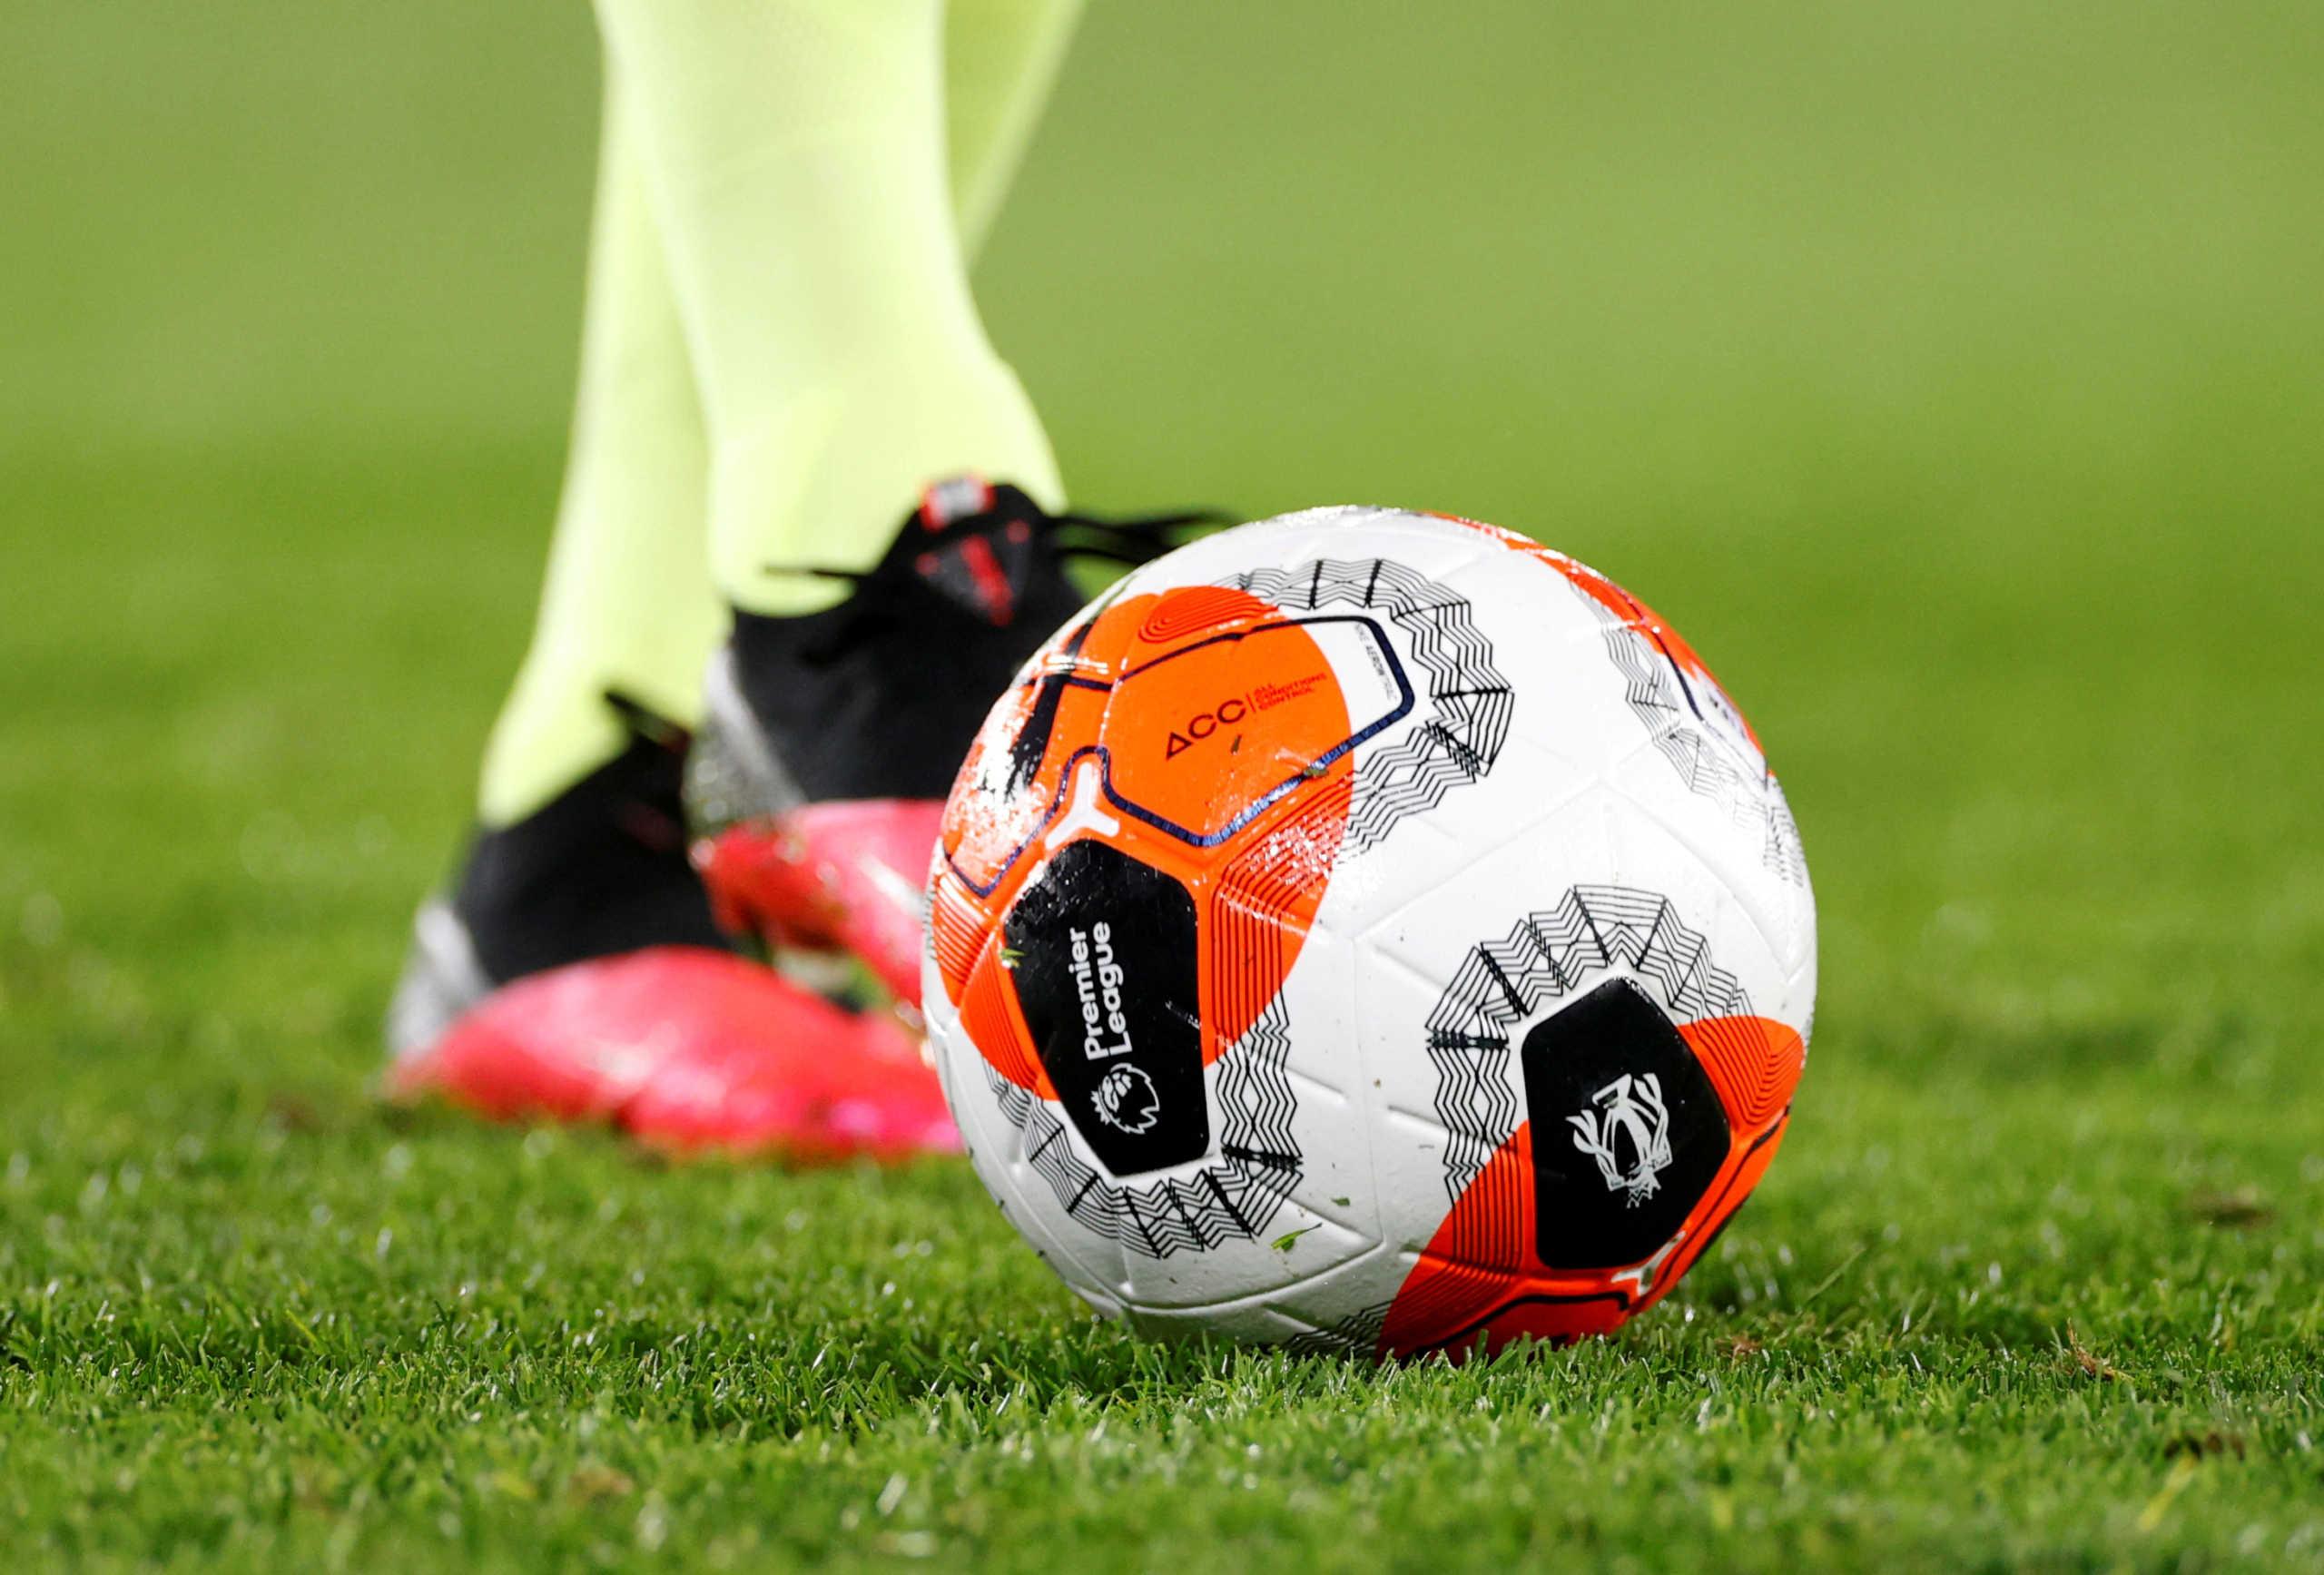 Σέντρα στις 12 Σεπτεμβρίου για την Premier League – Το πρόγραμμα της πρεμιέρας